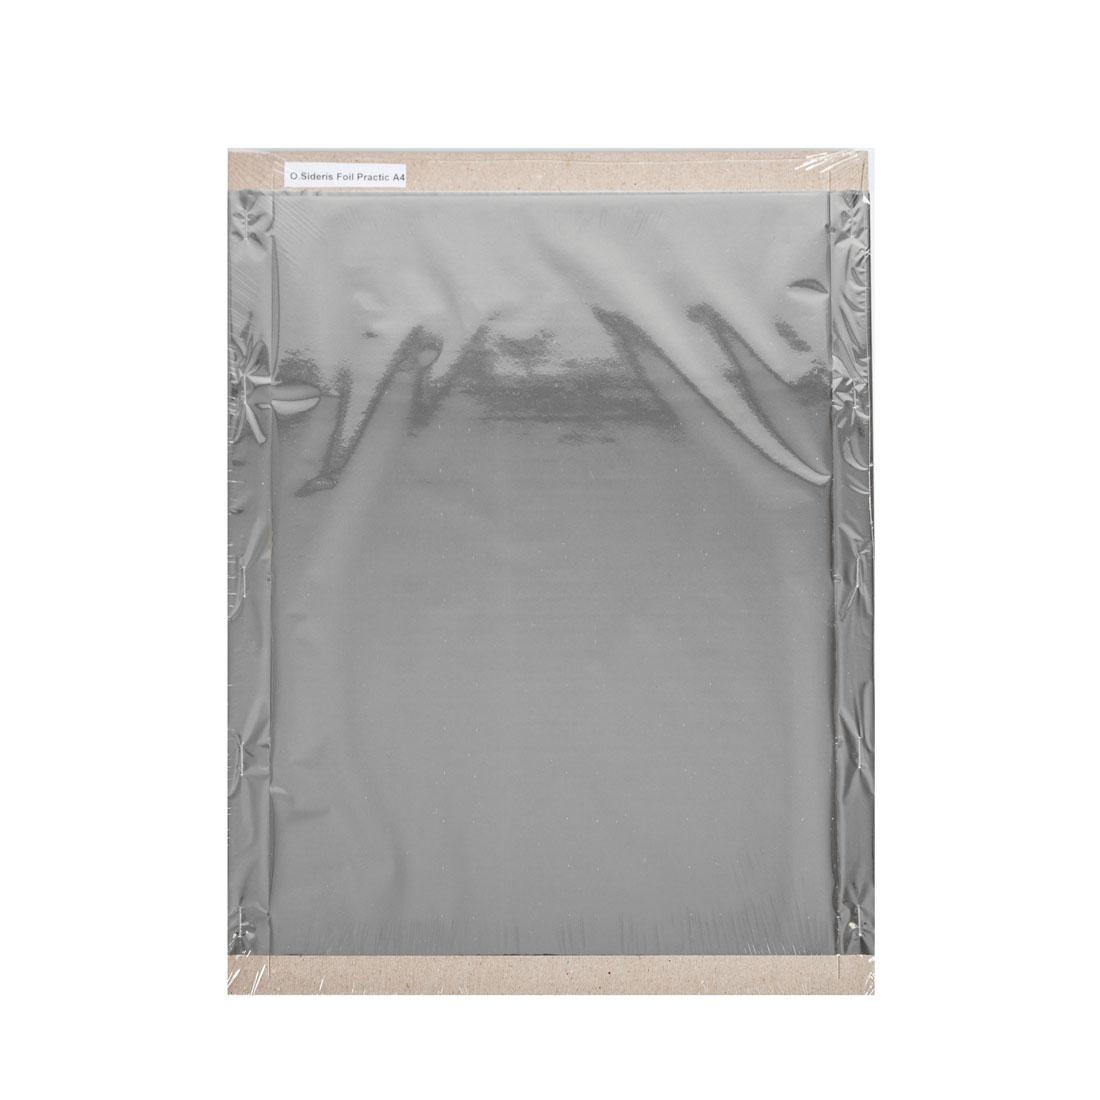 Folia do złoceń, nabłyszczeń w arkuszach - O.FOIL SIDERIS Practic - A4 (297 x 210 mm) - srebrny - 200 arkuszy